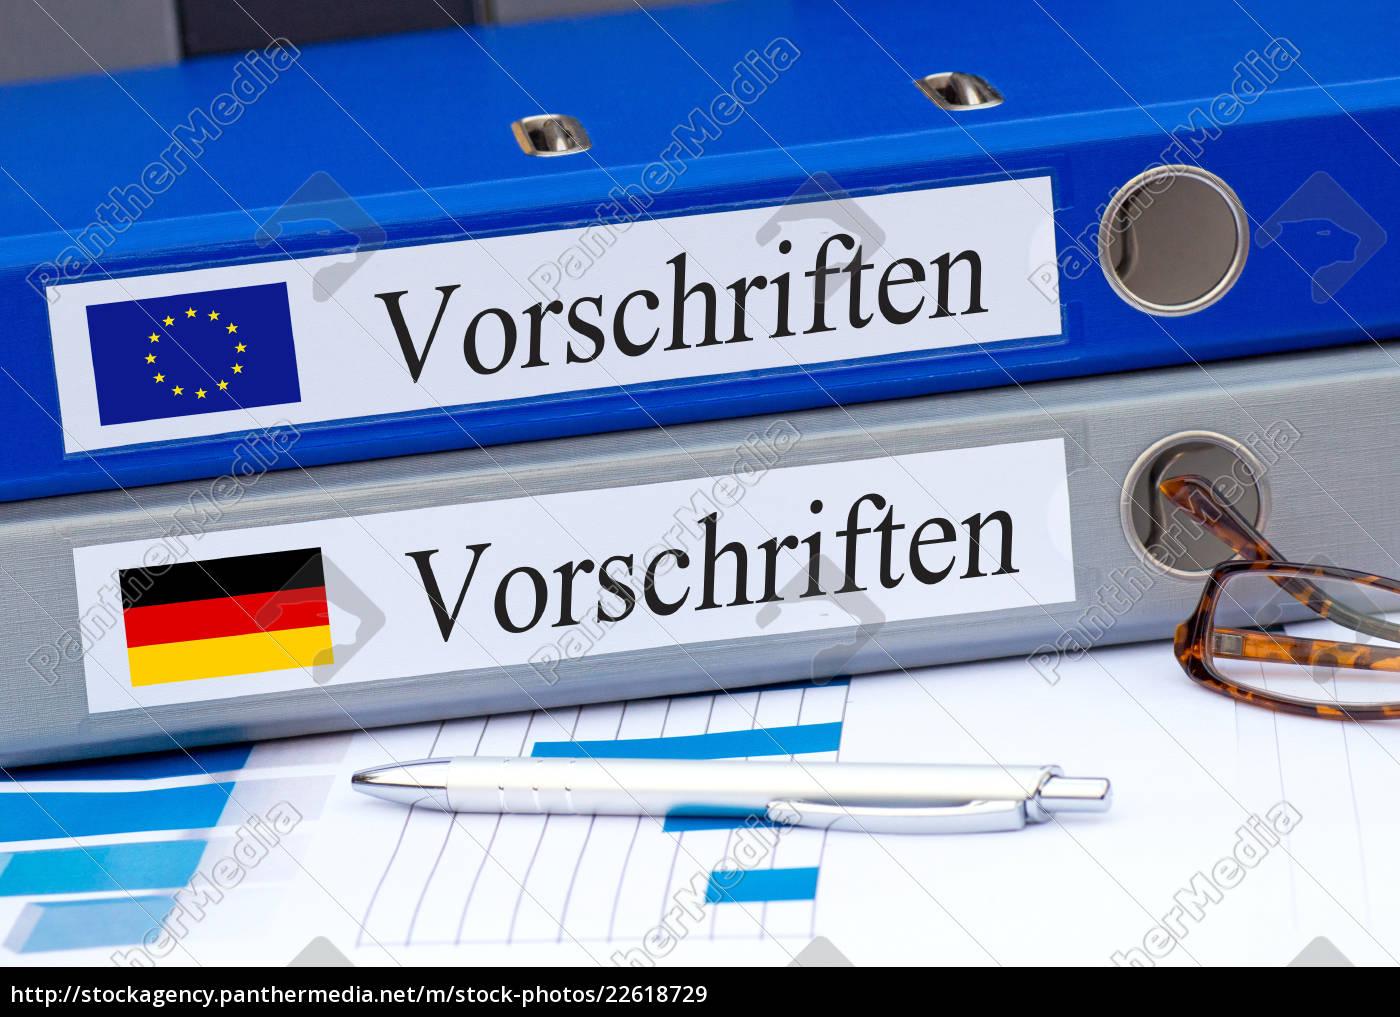 eu und deutschland vorschriften ordner lizenzfreies bild. Black Bedroom Furniture Sets. Home Design Ideas